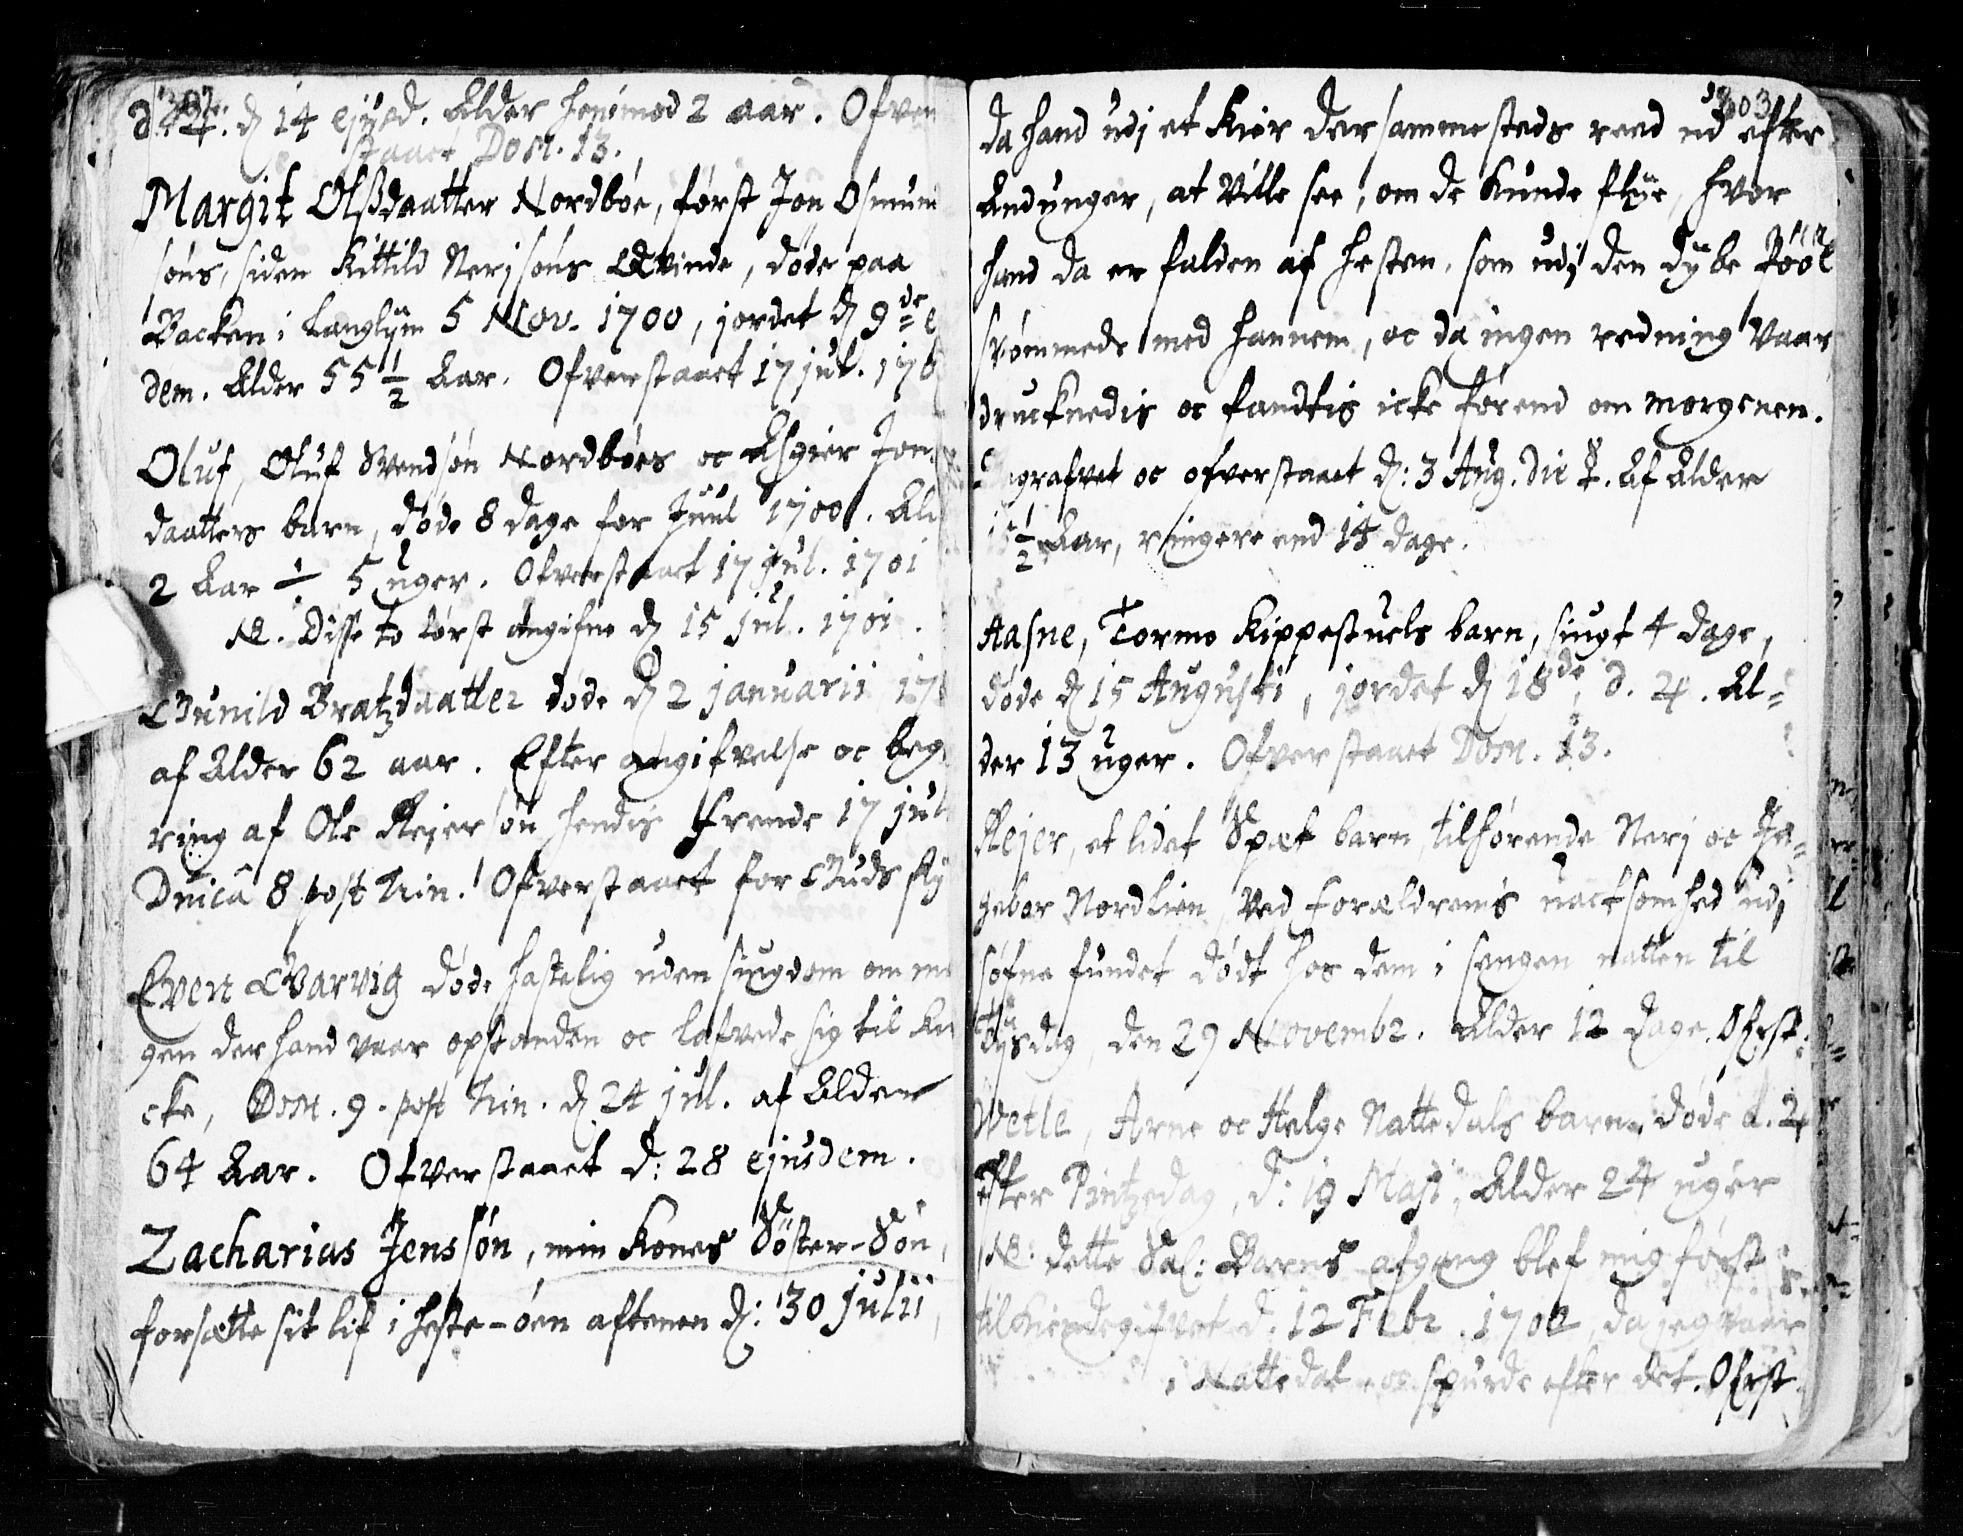 SAKO, Seljord kirkebøker, F/Fa/L0002: Ministerialbok nr. I 2, 1689-1713, s. 302-303